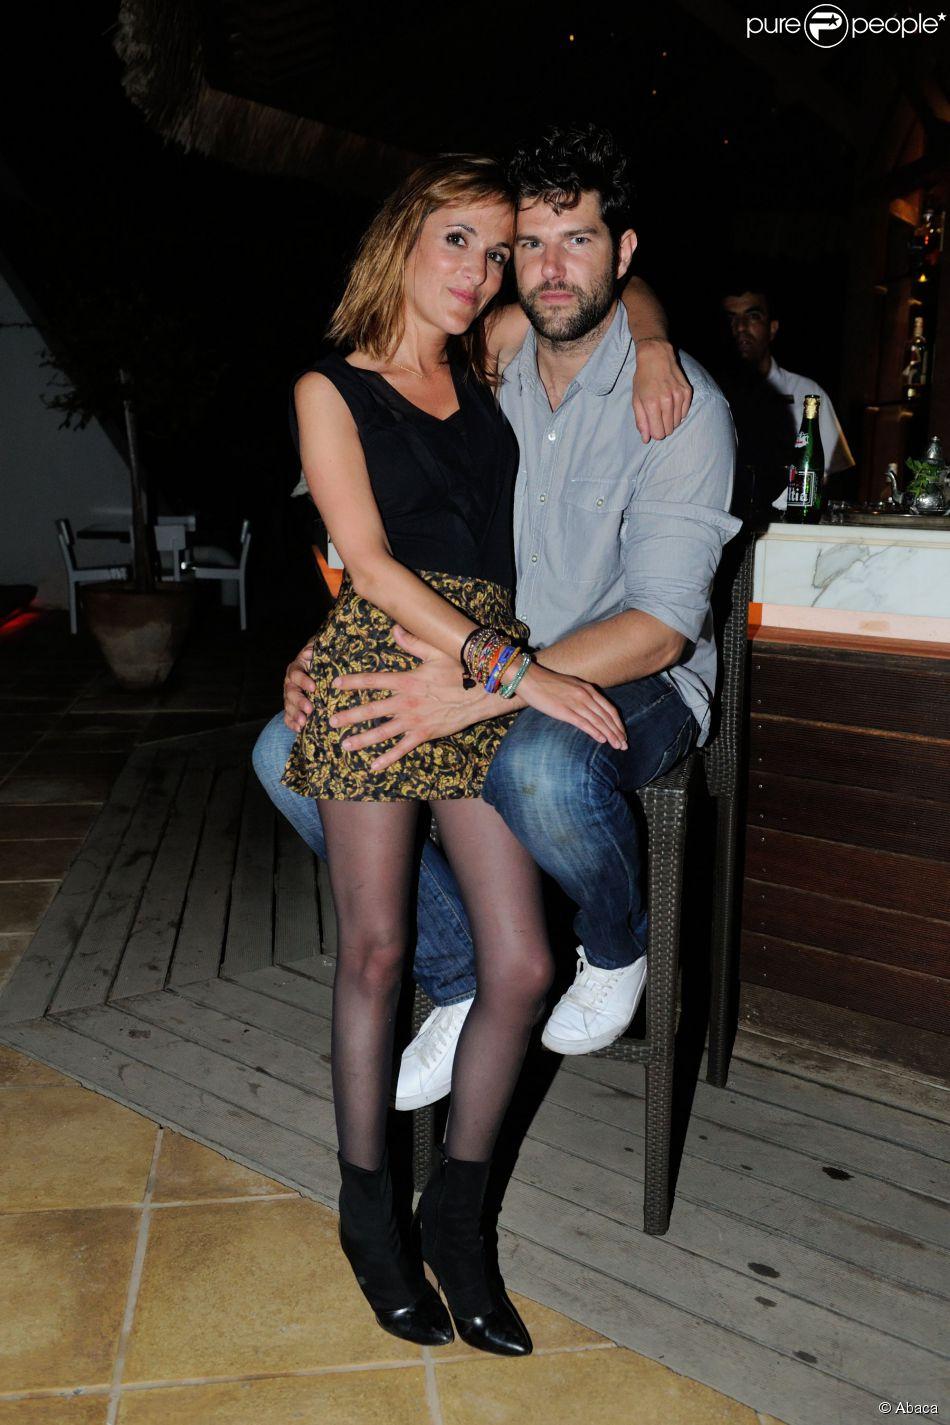 EXCLUSIF. Olivier Barthélémy et sa petite amie Victoria Bedos pendant L'Escapade des Stars au Radisson Blu Resort and Thalasso à Djerba, le 7 Juin 2015.